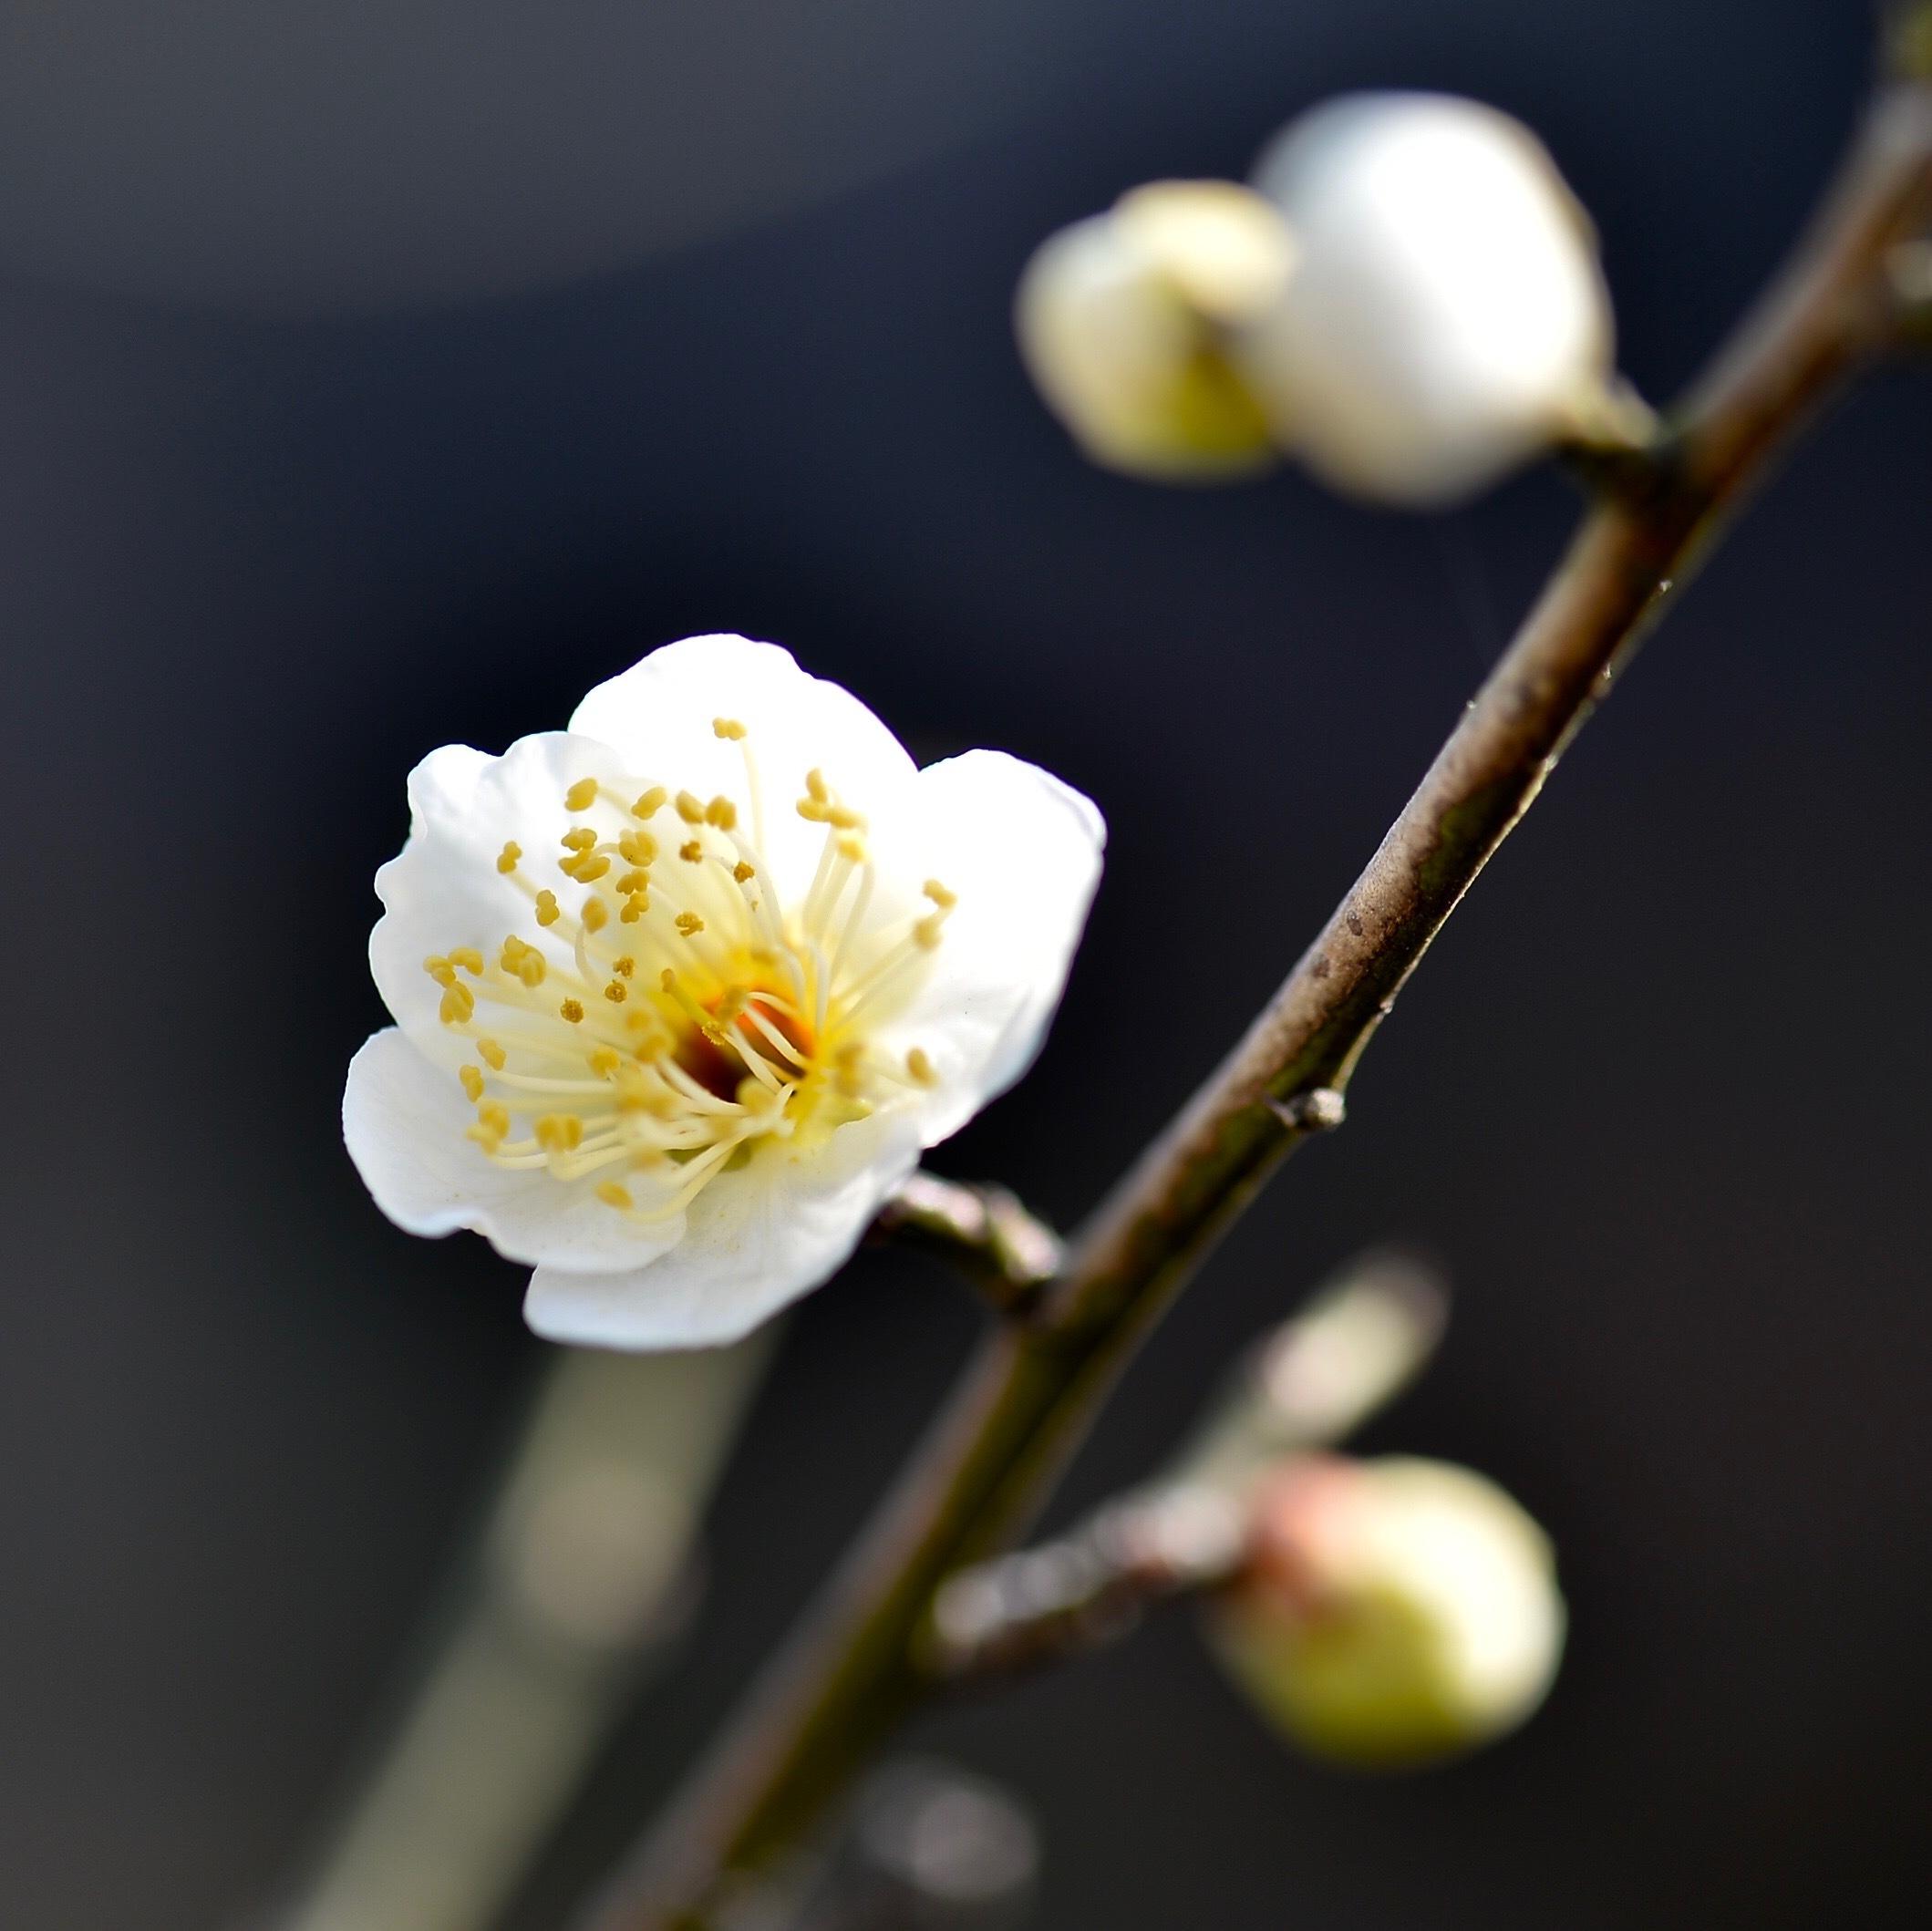 春一番も吹き荒れて..._f0099102_16213206.jpg